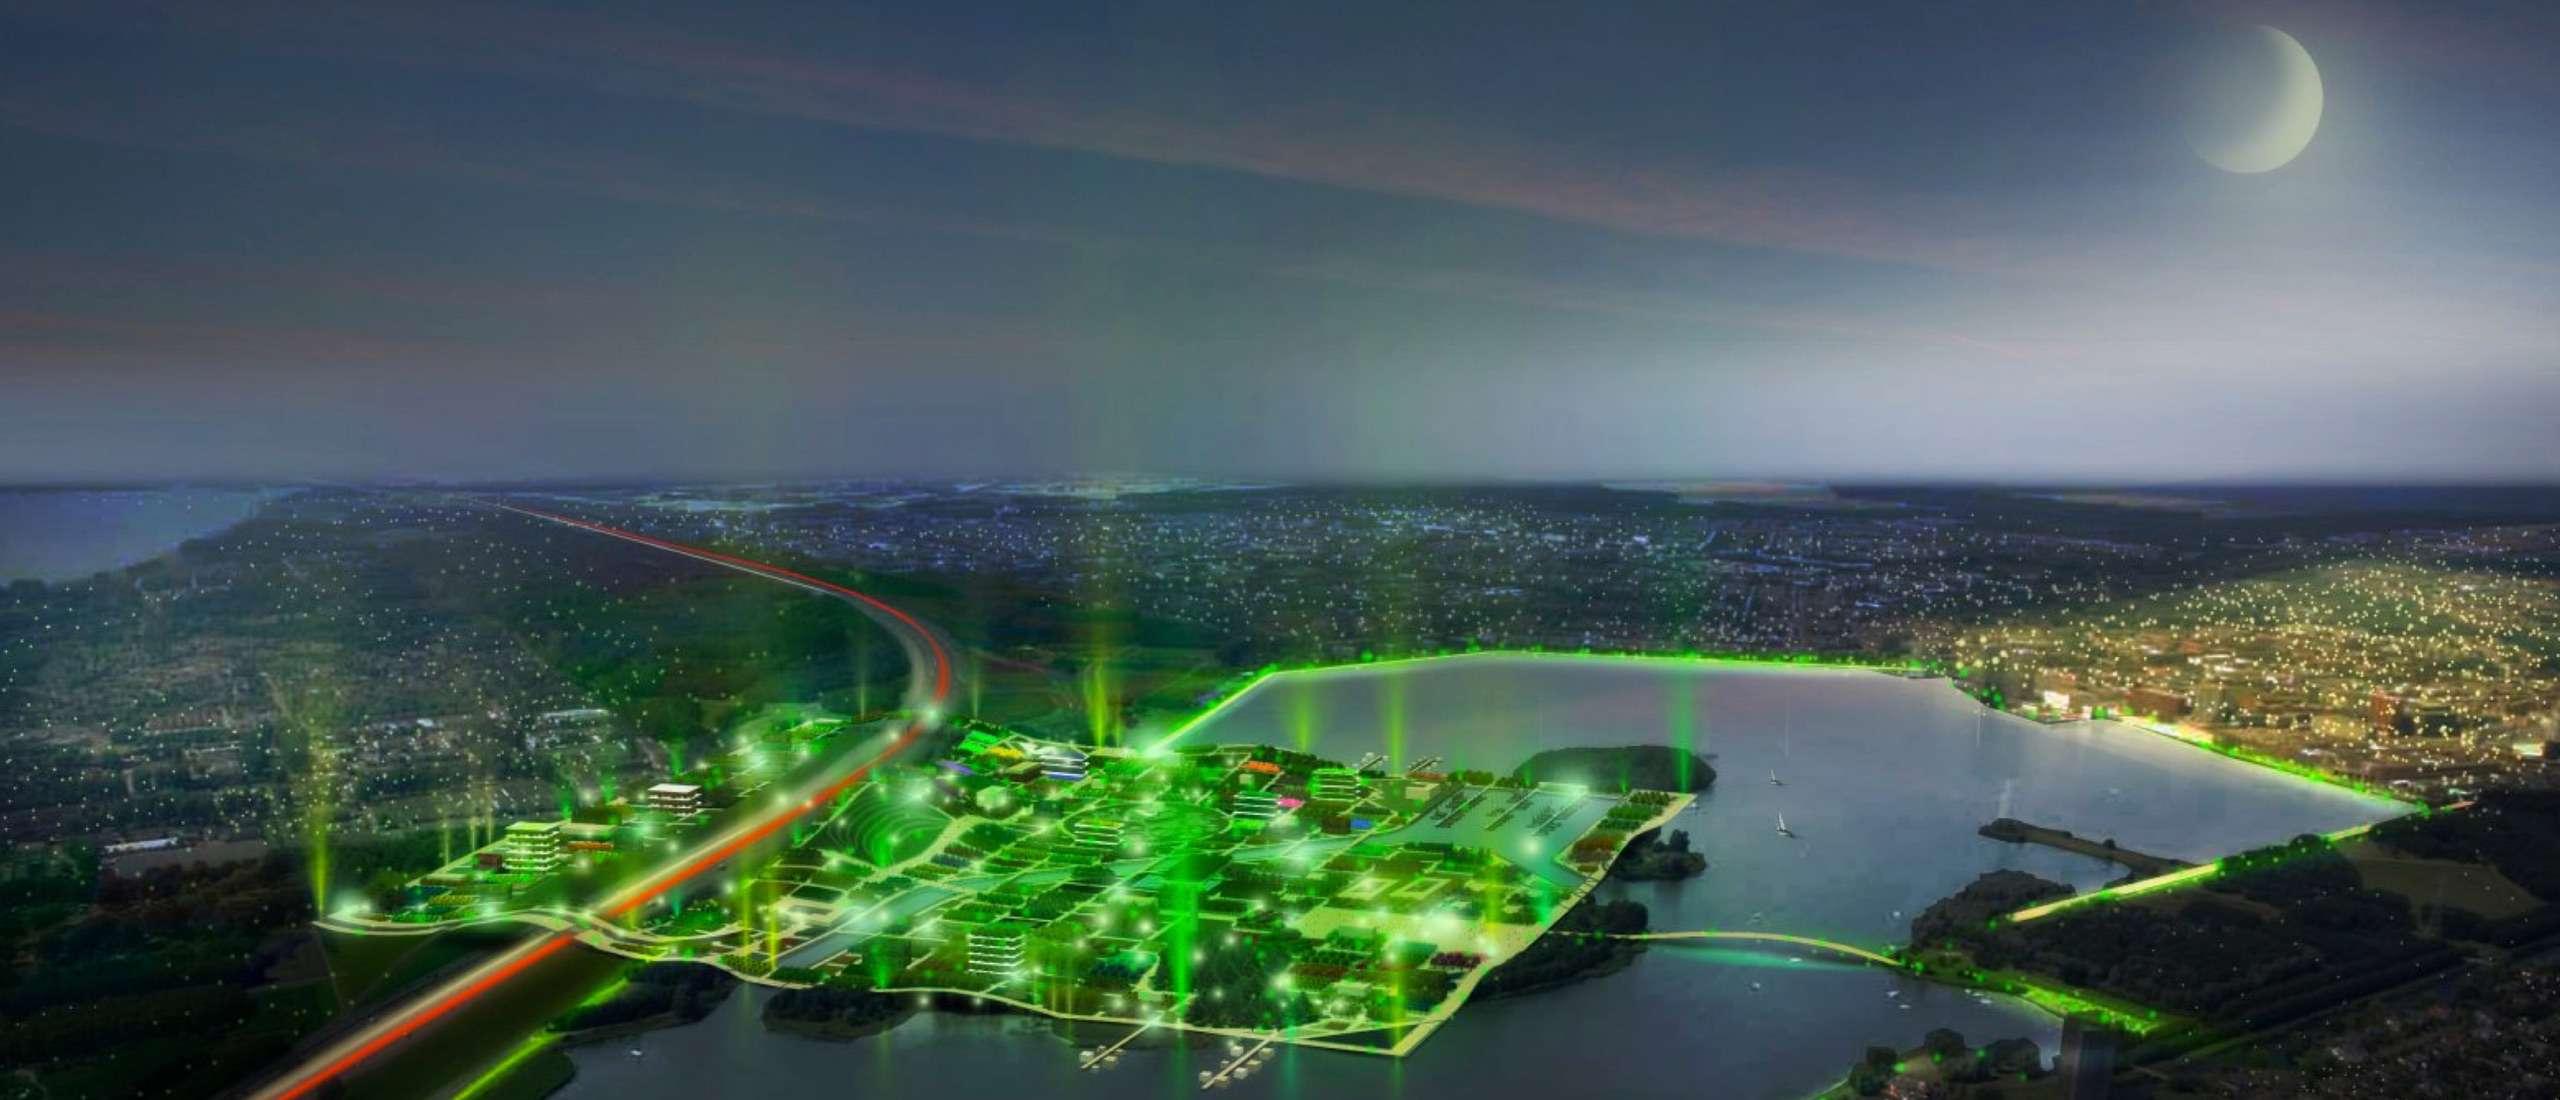 The Floriade 2022